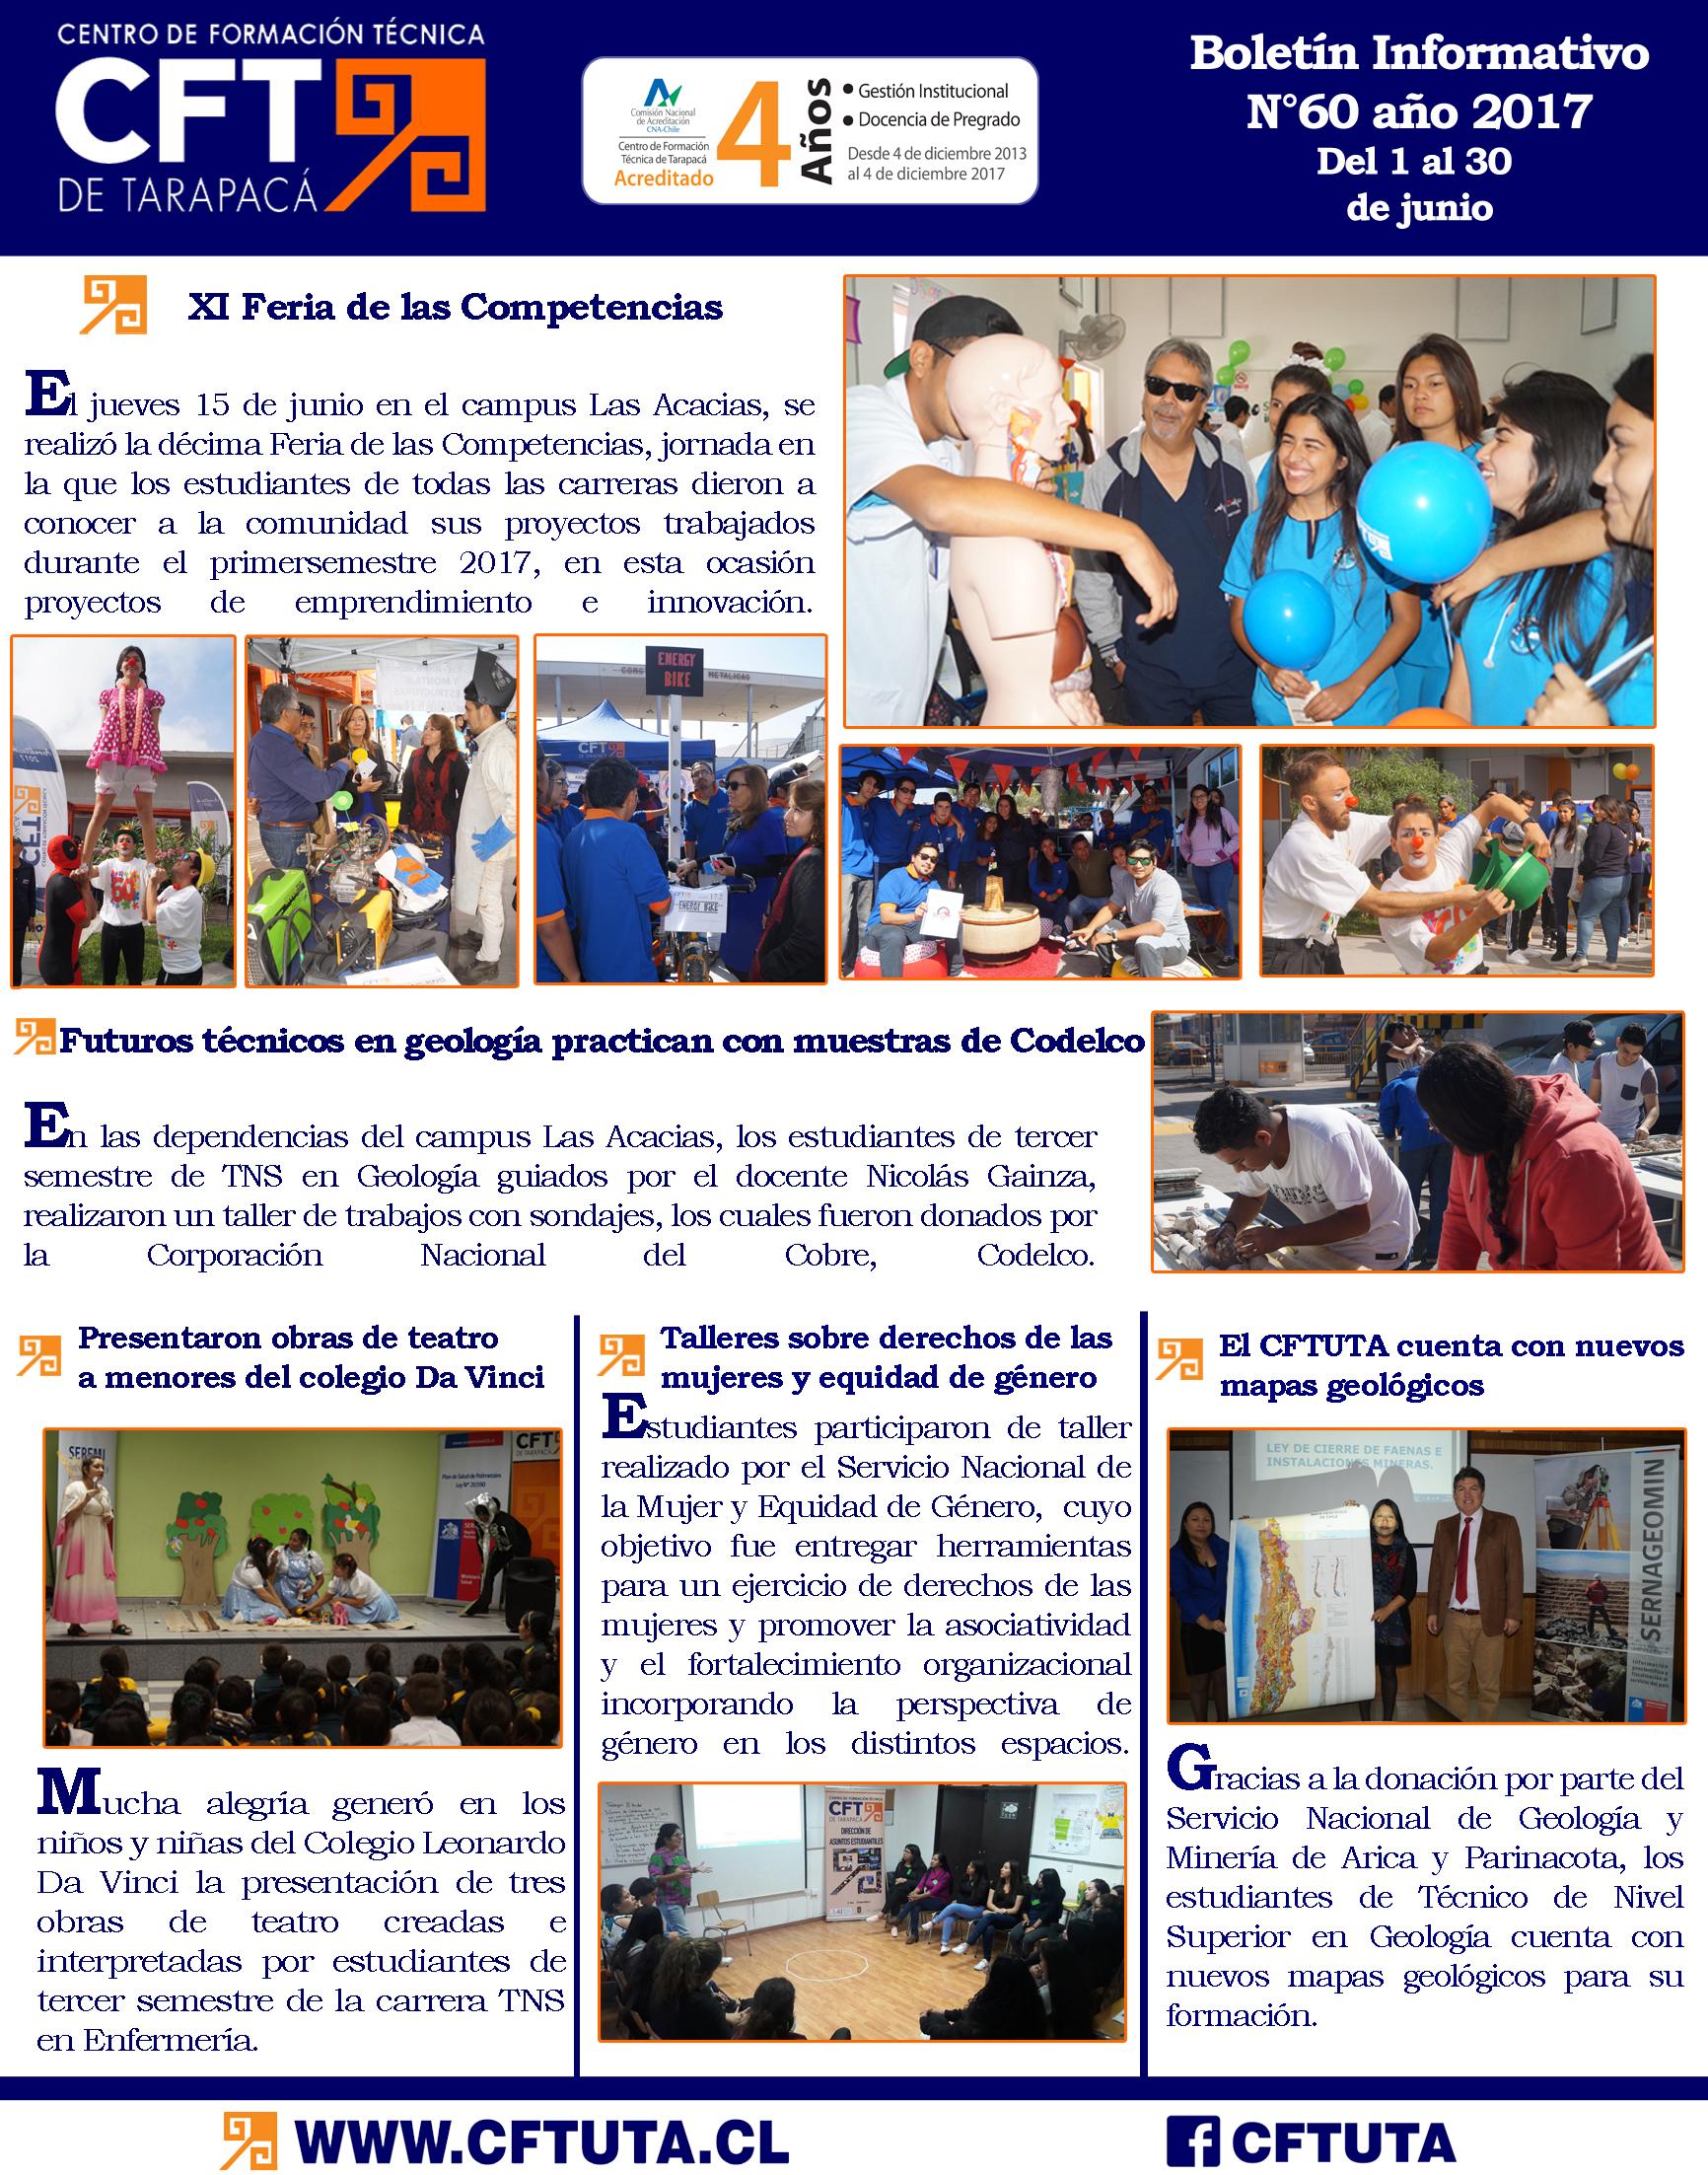 Boletín N°60 CFT de Tarapacá